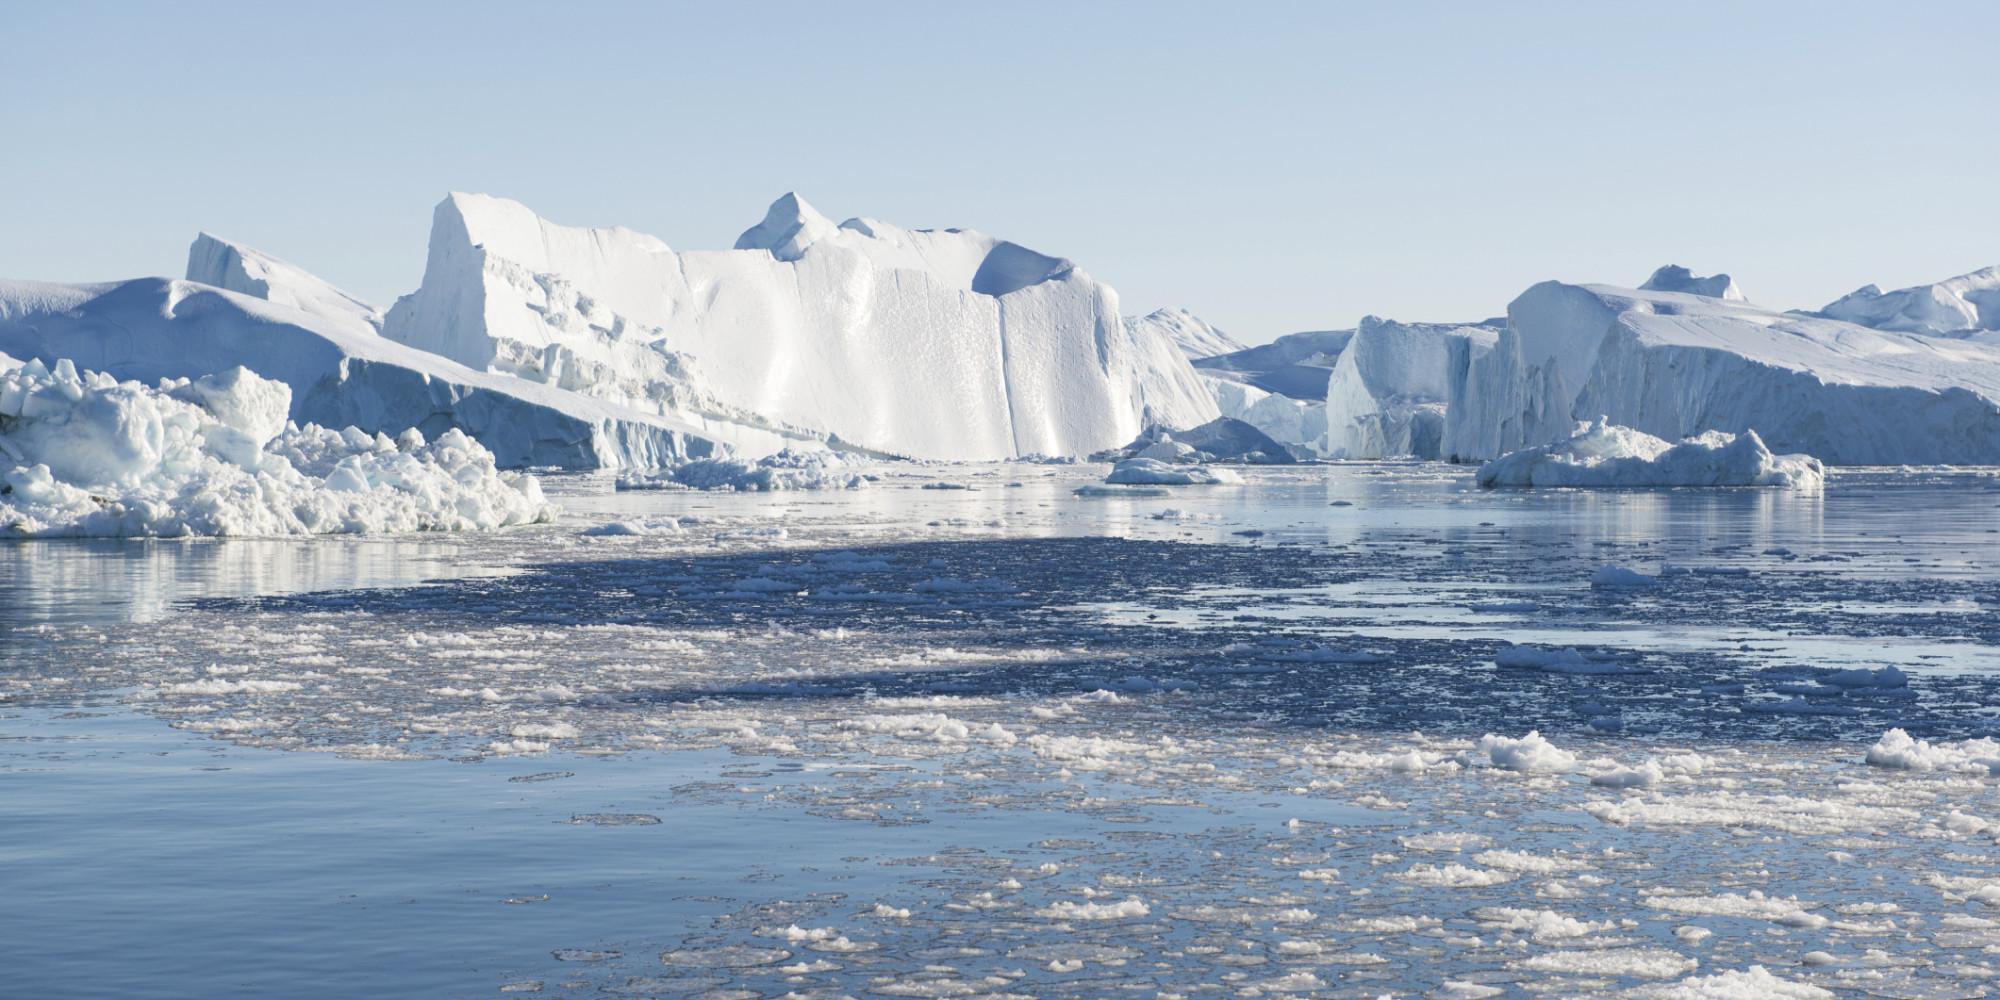 الأمم المتحدة تحذر من تأثير الاحتباس الحراري العالمي غير المسبوق في القطب الشمالي